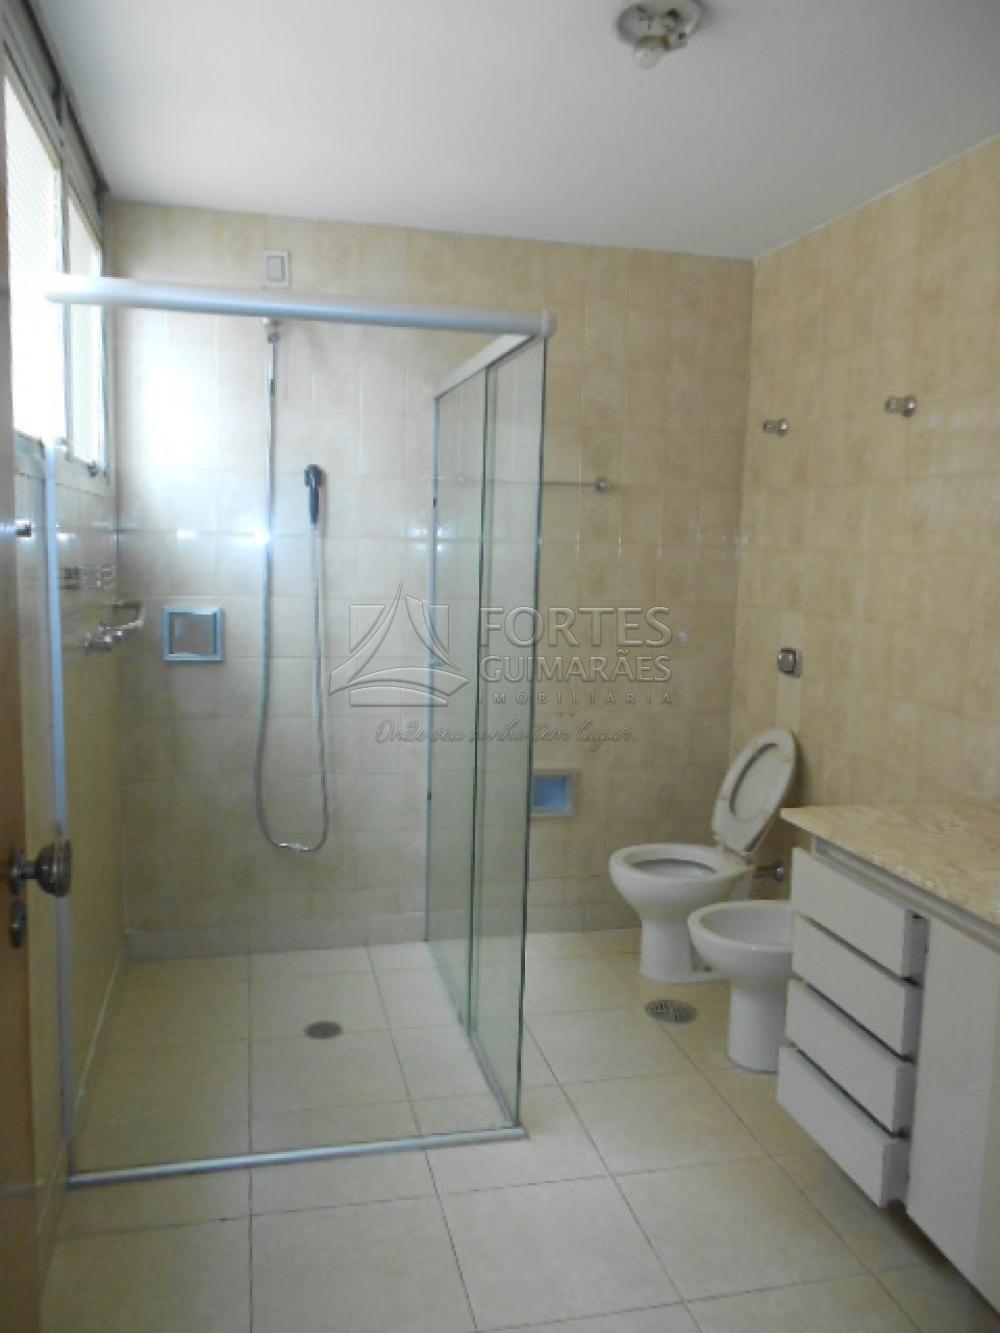 Alugar Apartamentos / Padrão em Ribeirão Preto apenas R$ 1.500,00 - Foto 59